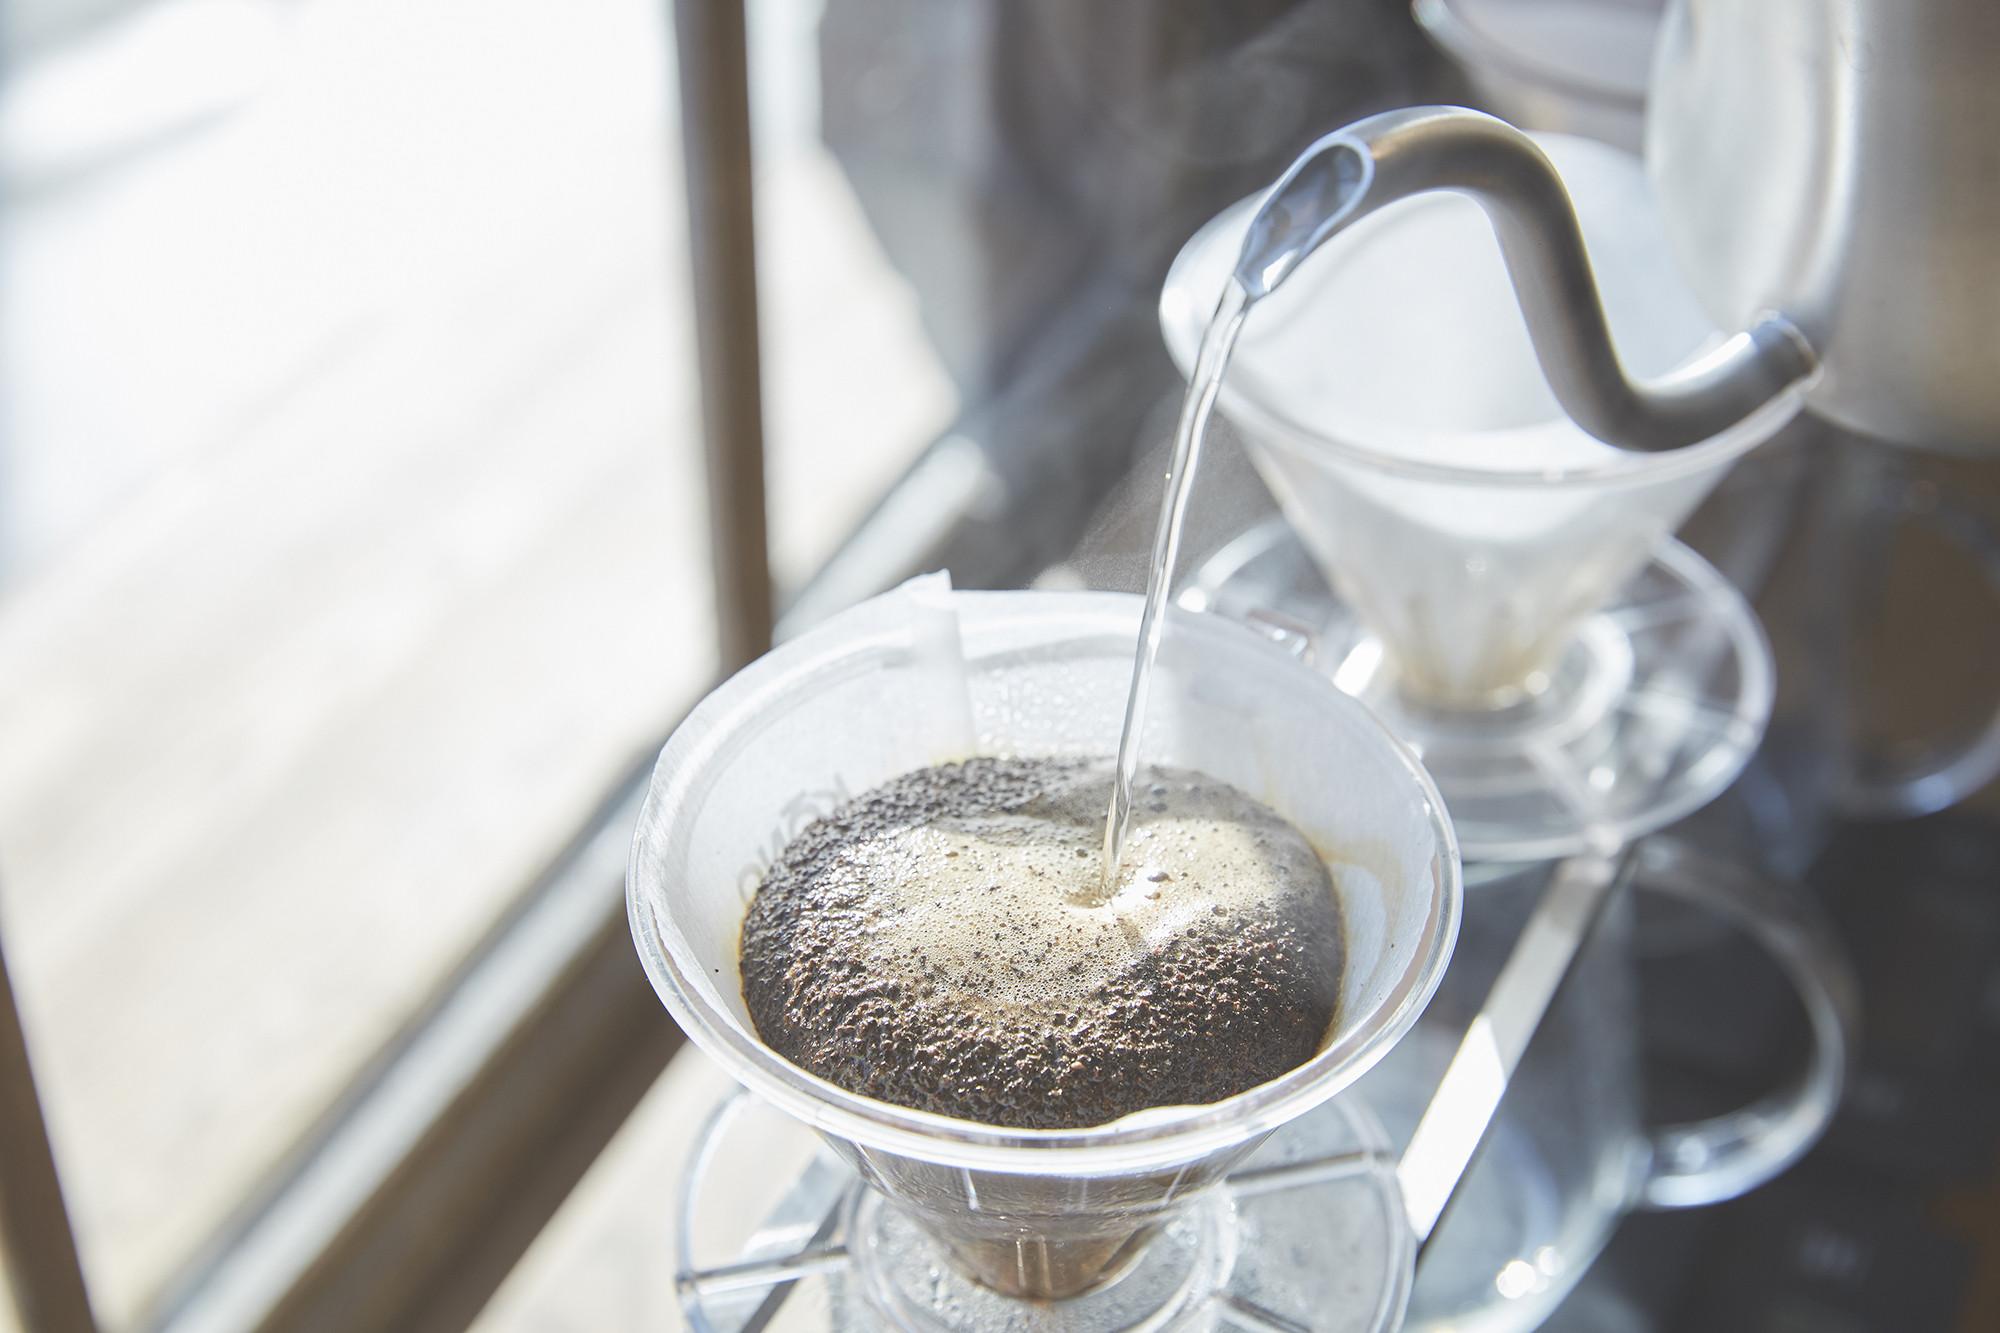 【アベコーヒープラン】 アベコーヒーnokuticaブレンド豆100g+コーヒーの美味しい淹れ方講座 (自宅にある器具を持ってきてもらっても良いですよ!) (後日予約枠をお知らせいたします。)